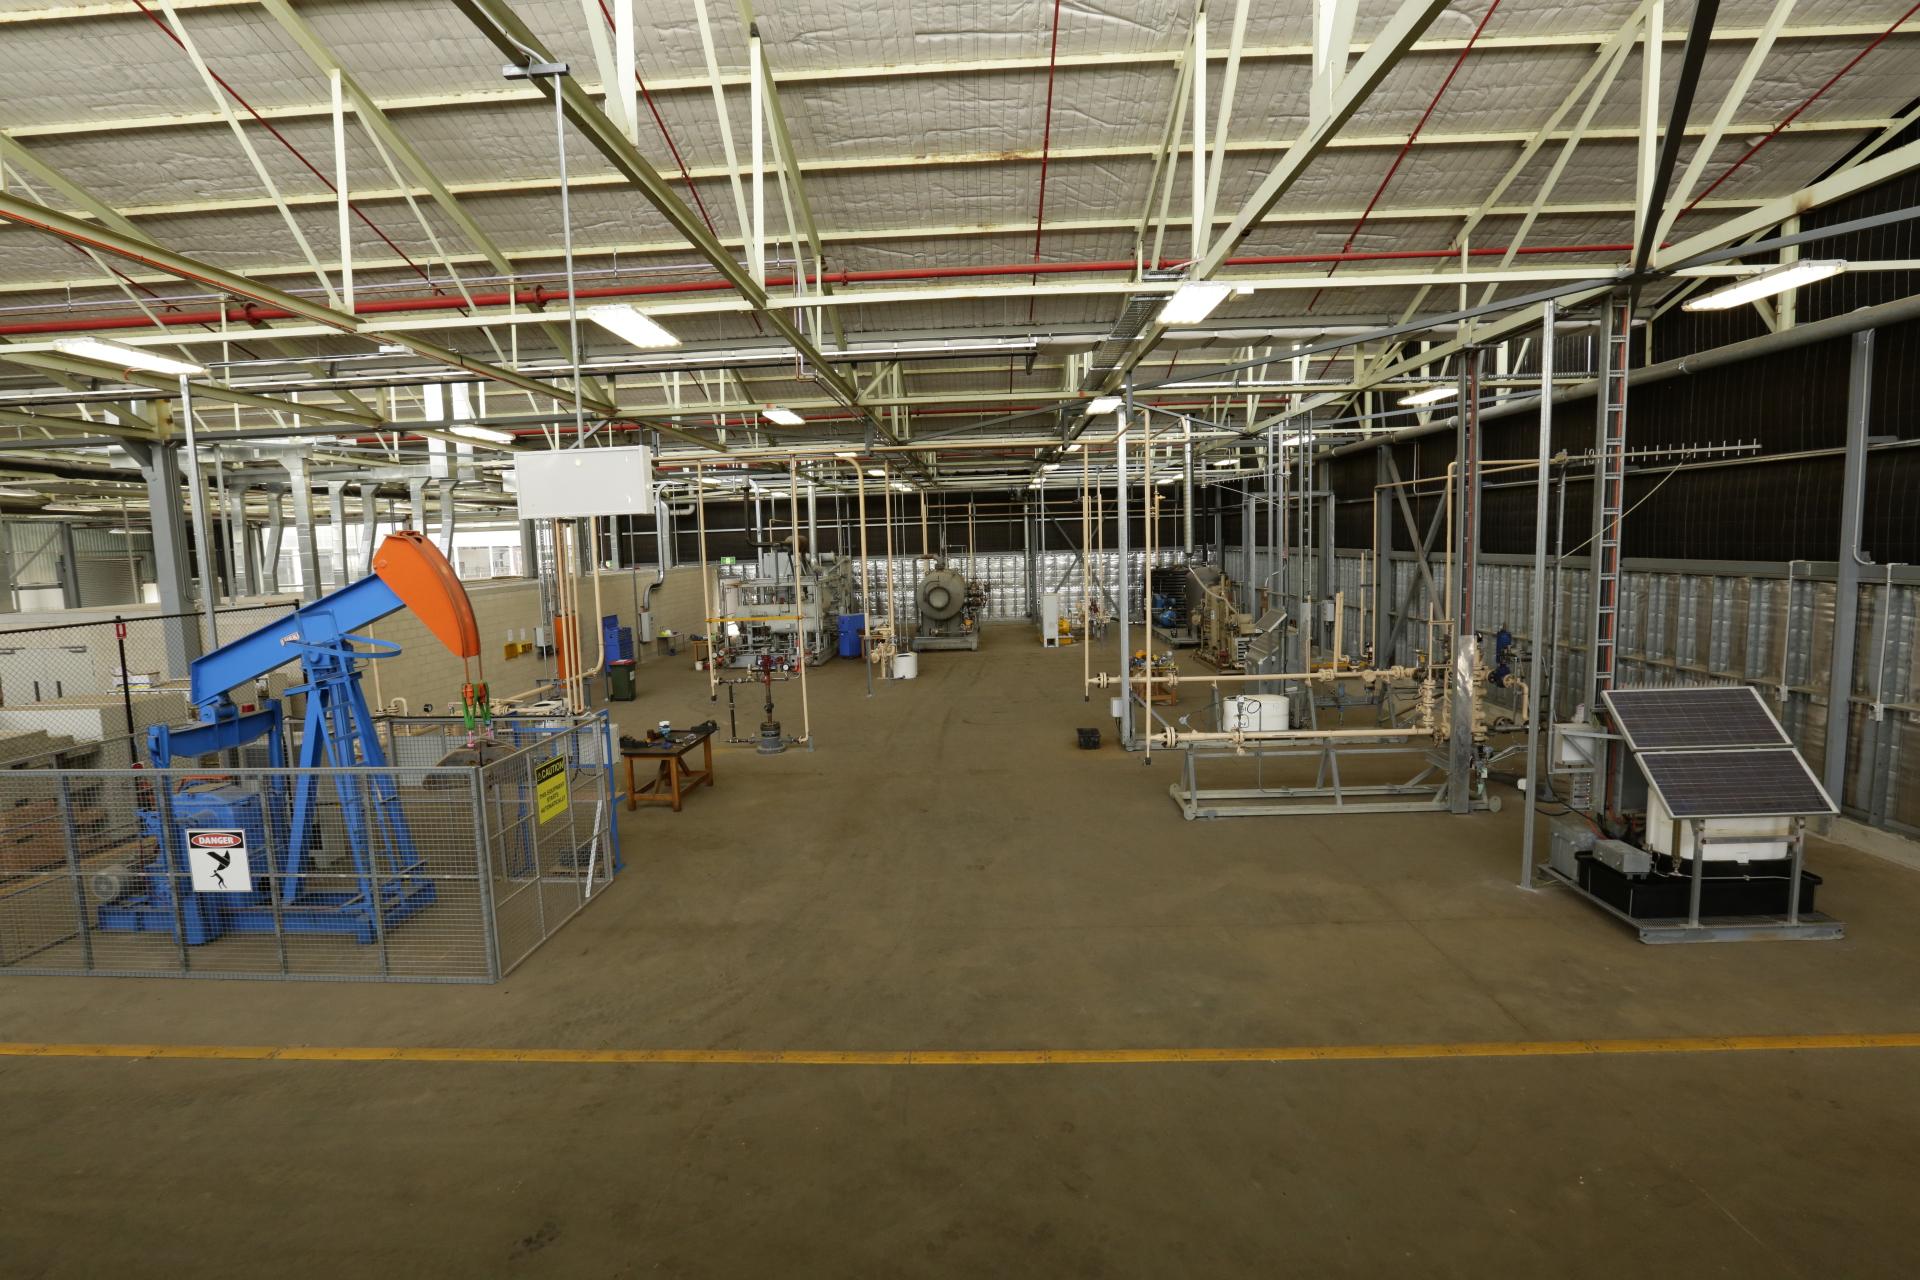 OPCE Facility